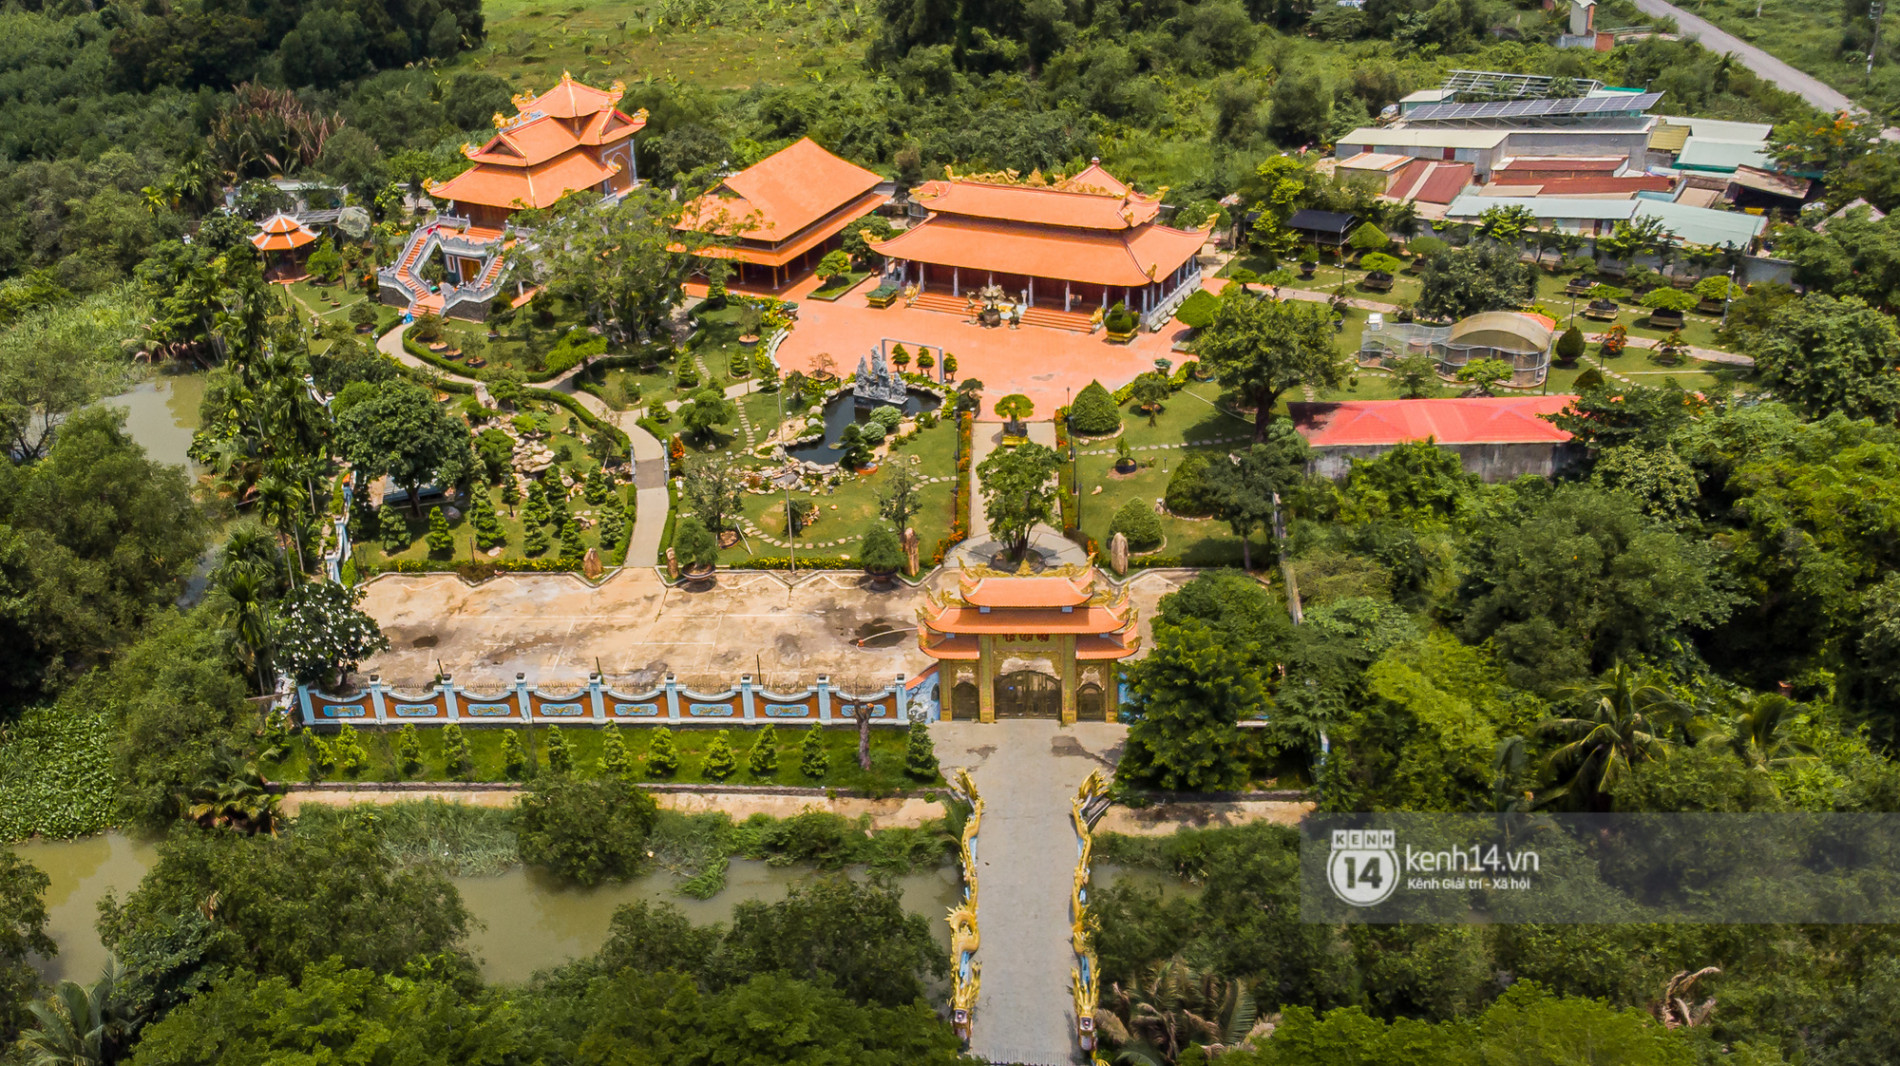 Về thăm Đền thờ Tổ nghiệp của NS Hoài Linh sau loạt lùm xùm từ thiện: Camera bố trí dày đặc, hàng xóm kể không bao giờ thấy mặt - Ảnh 4.